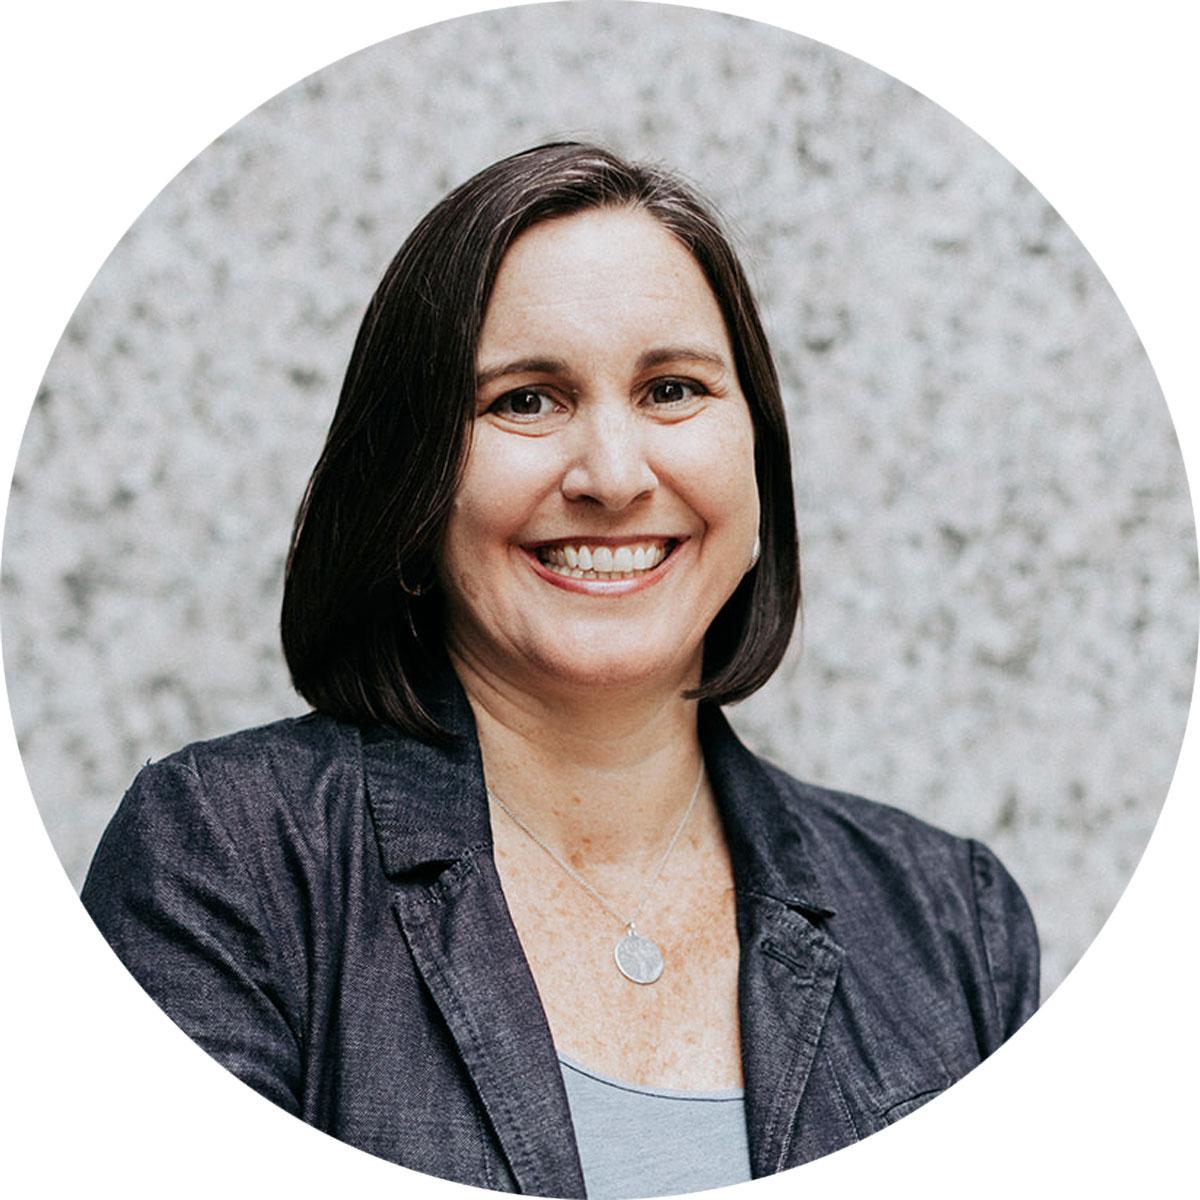 Proactive Therapist Chicago - Regan Murphy